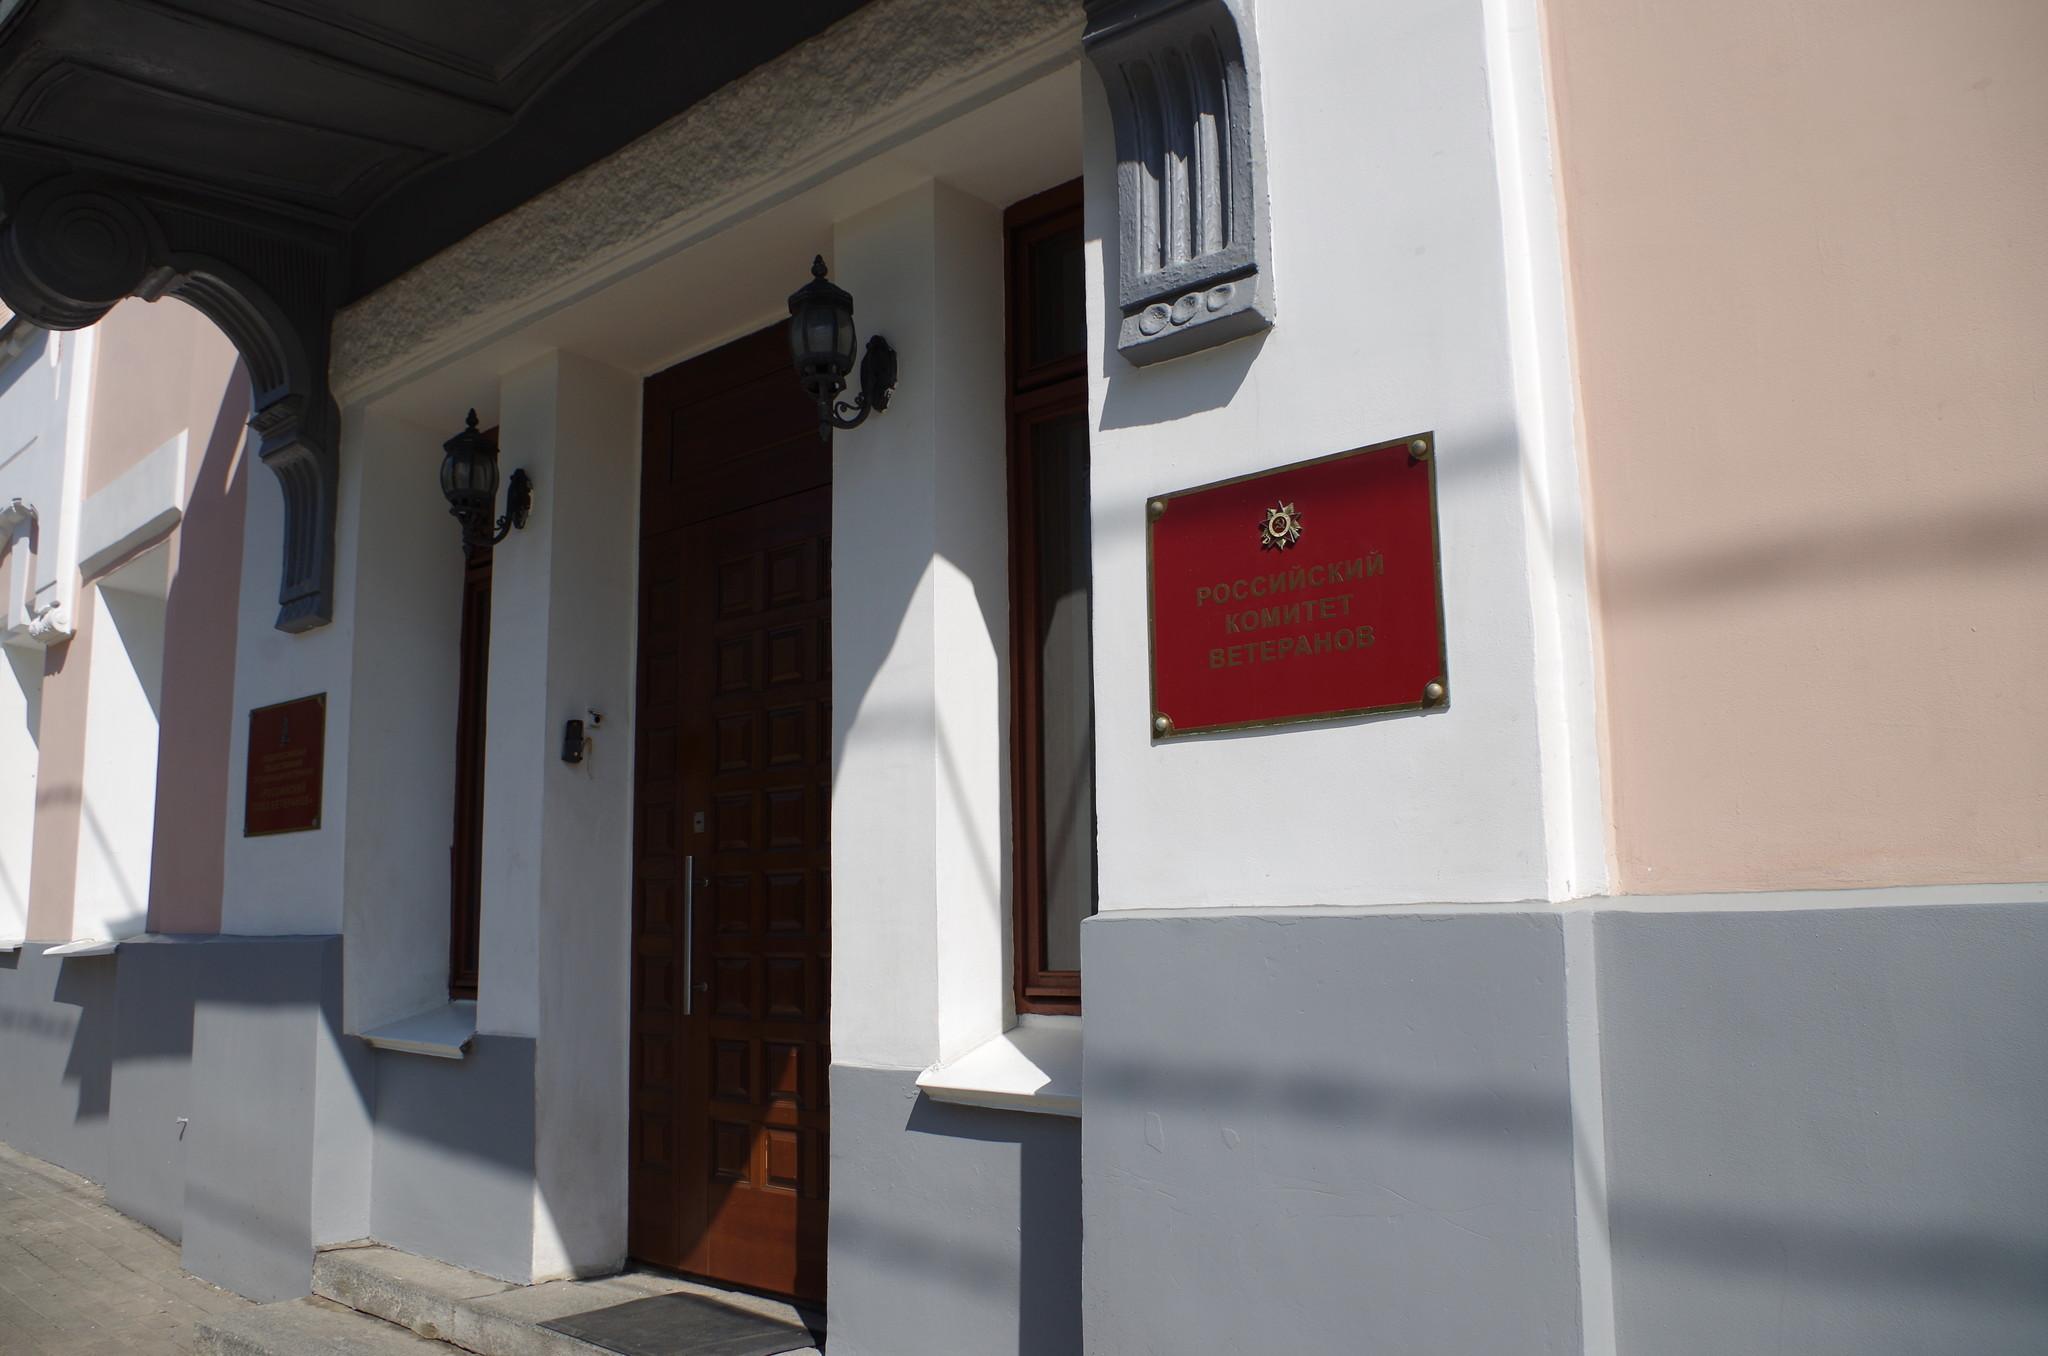 Российский Комитет ветеранов войны и военной службы (Гоголевский бульвар, дом 4)